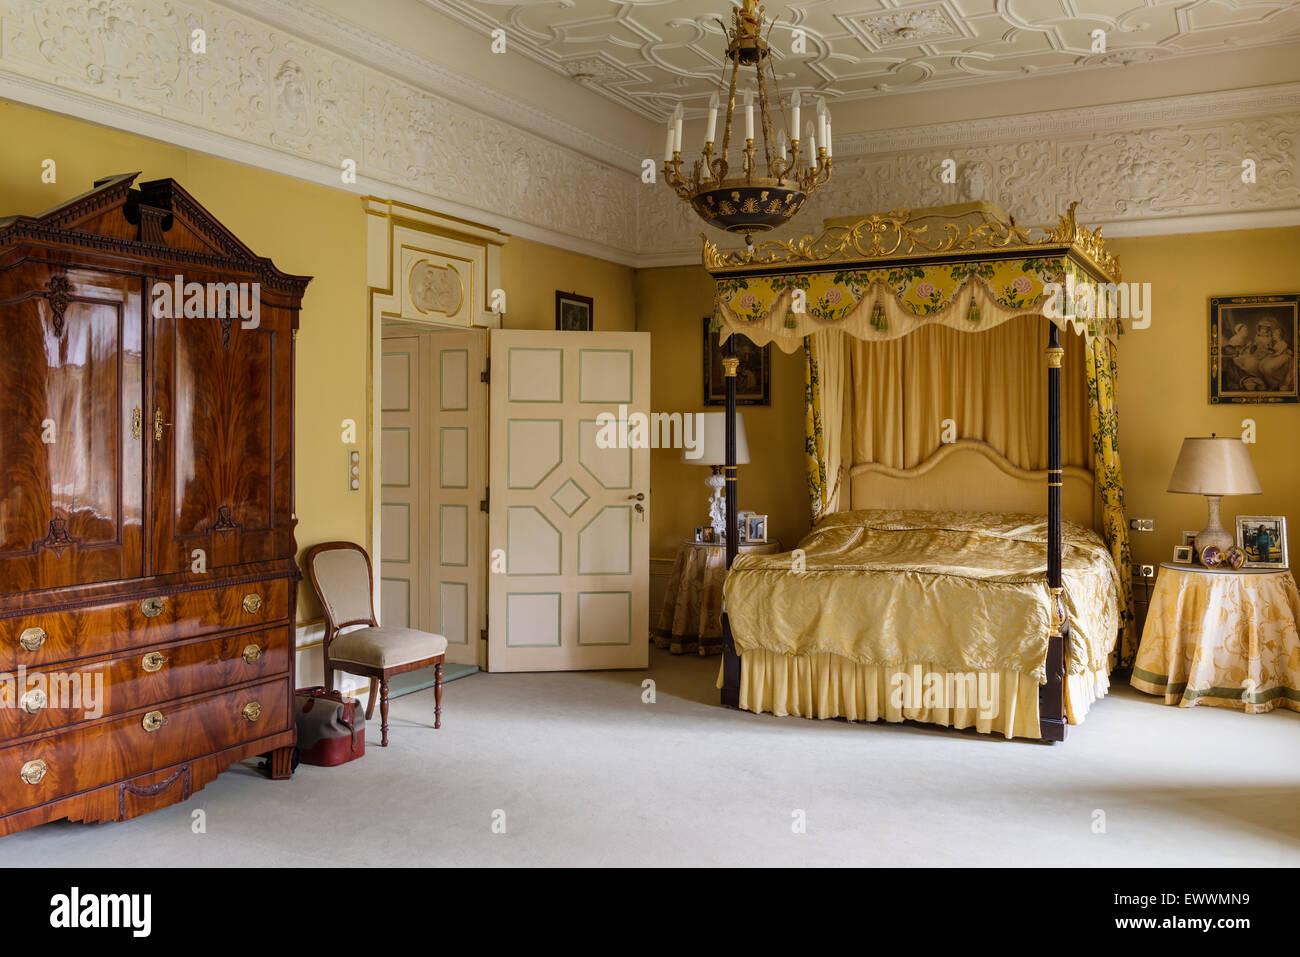 Himmelbett mit vergoldeten Rahmen in üppig Schlafzimmer mit ...